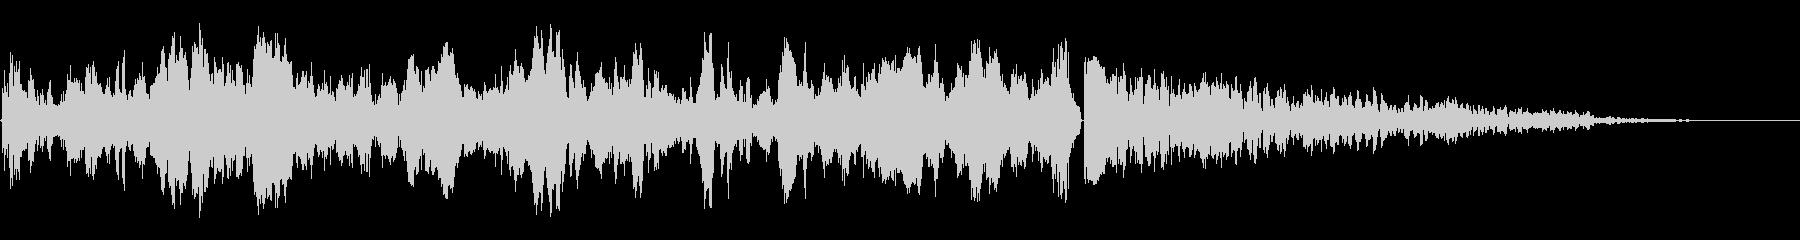 カウントダウンスイープアクセントの未再生の波形